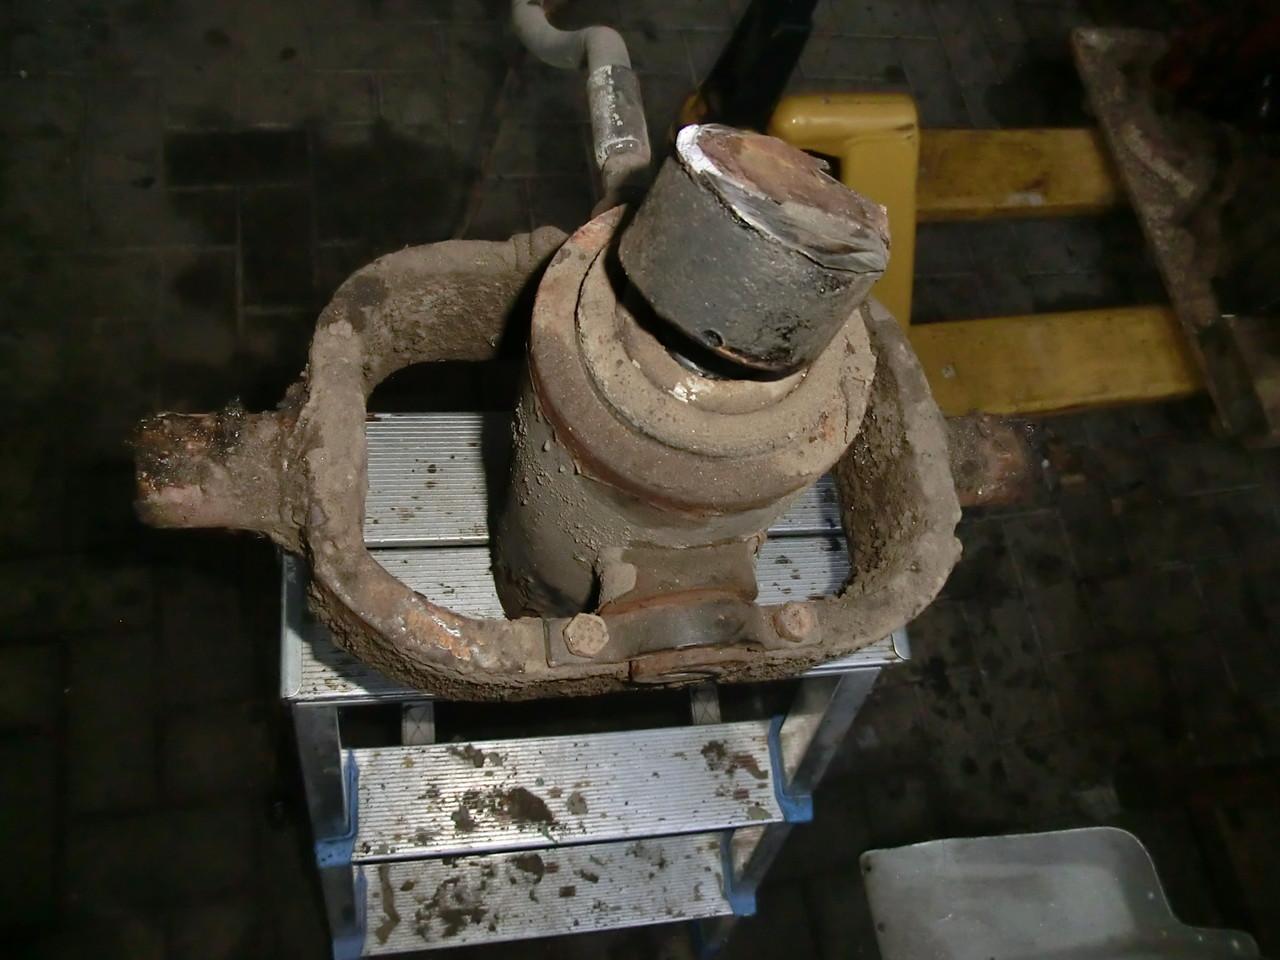 Hydraulischer Kippzylinder wird gereinigt, auf Dichtigkeit überprüft und lackiert